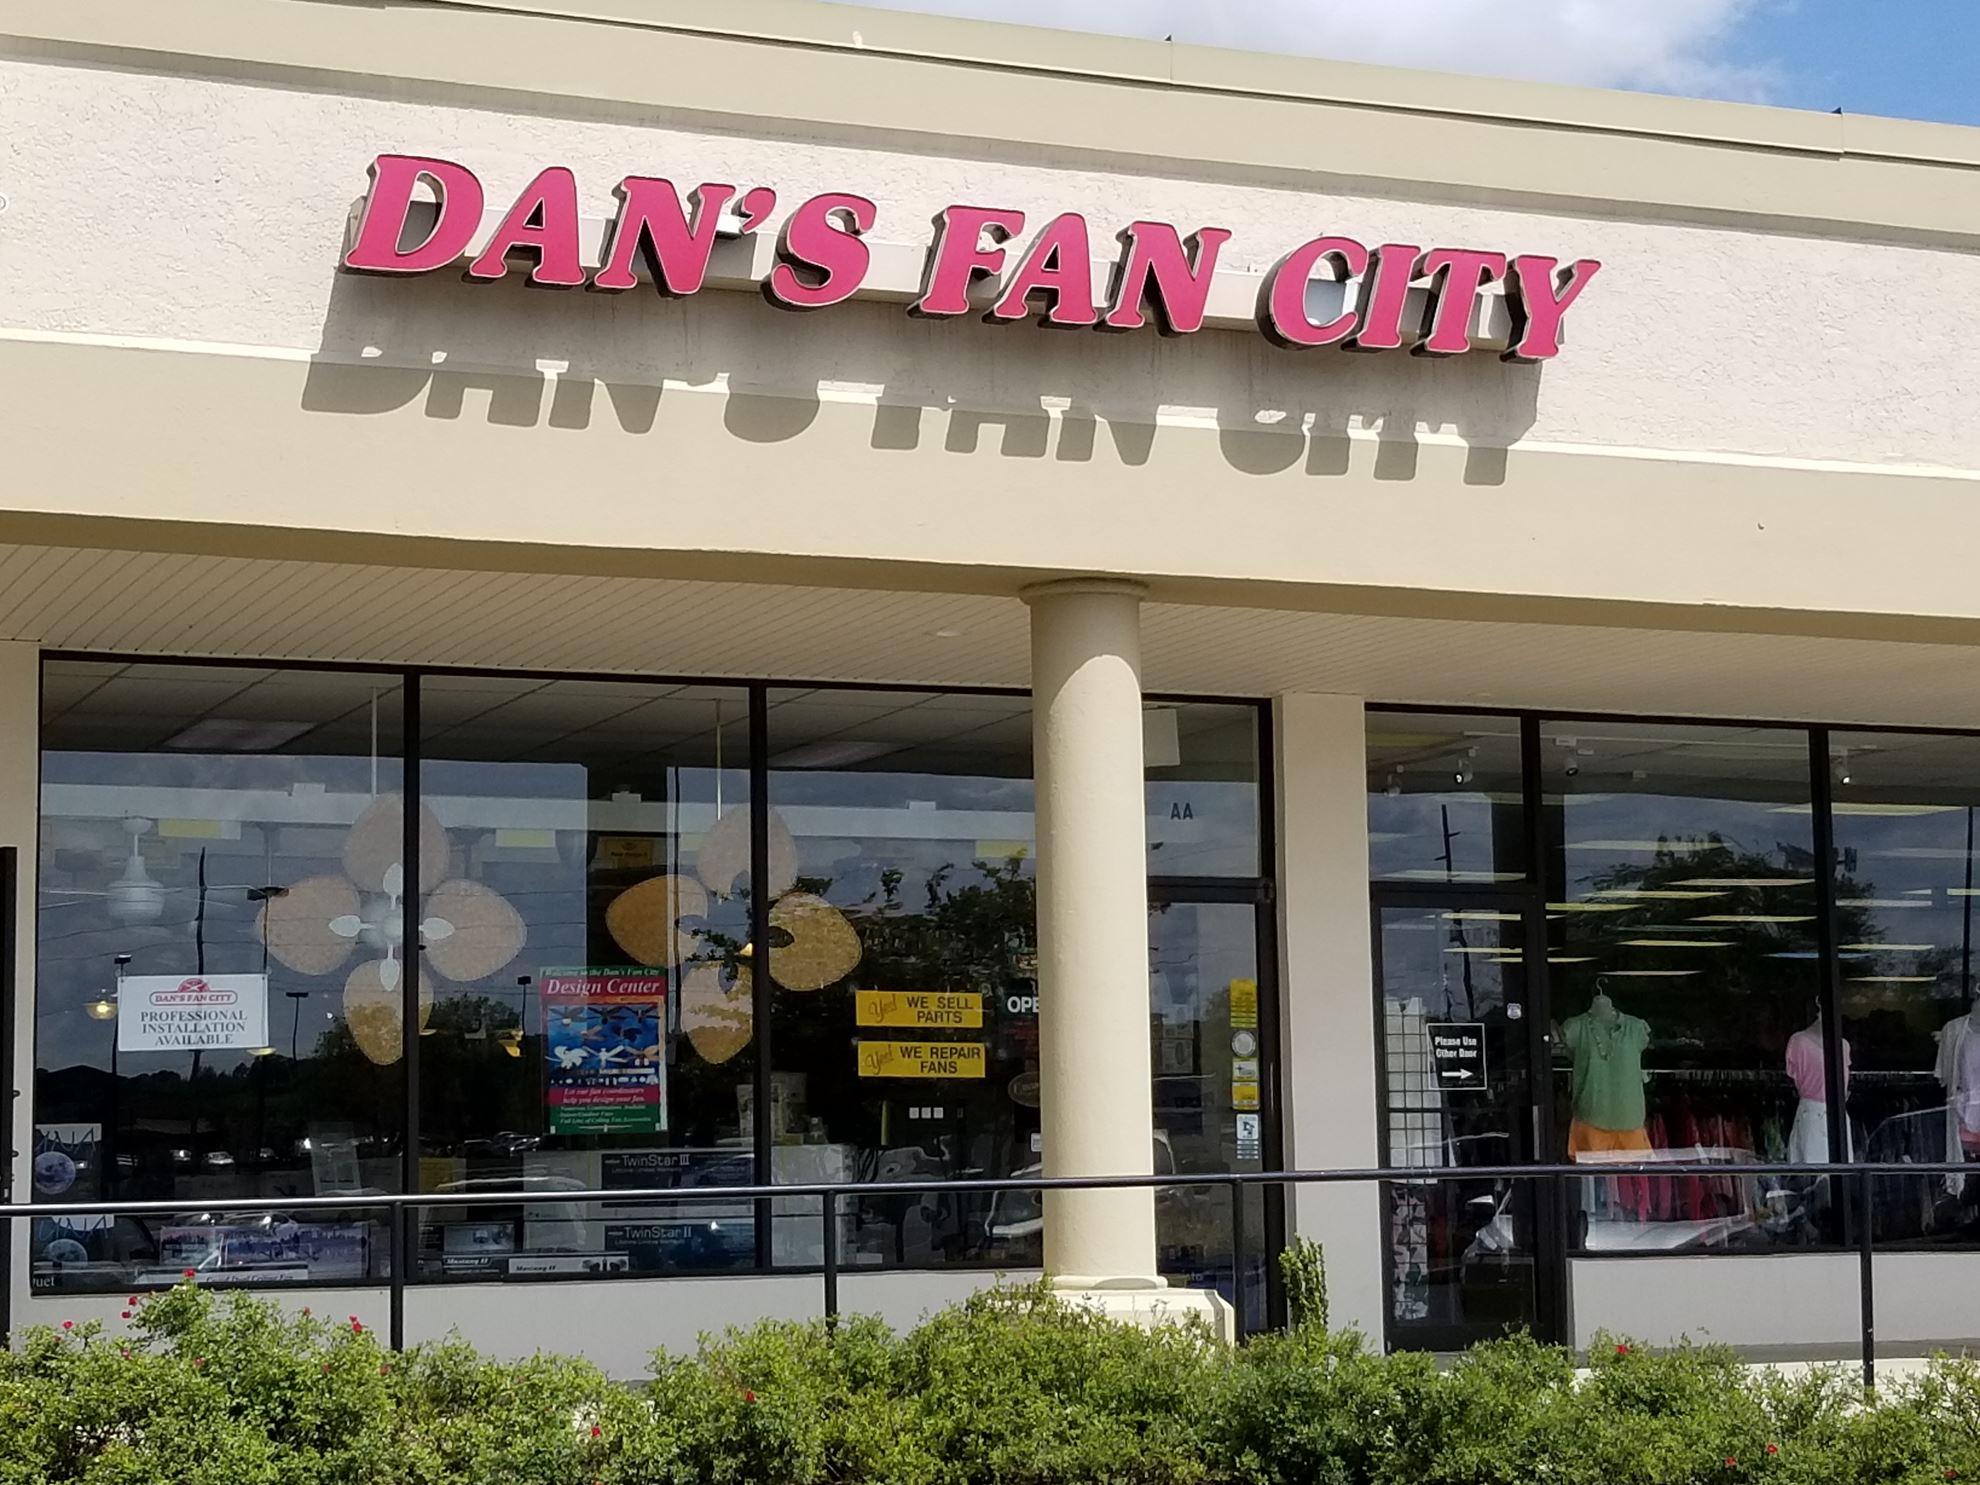 Ceiling Fan Store In Columbia Sc Dans Fan City Dans Fan City